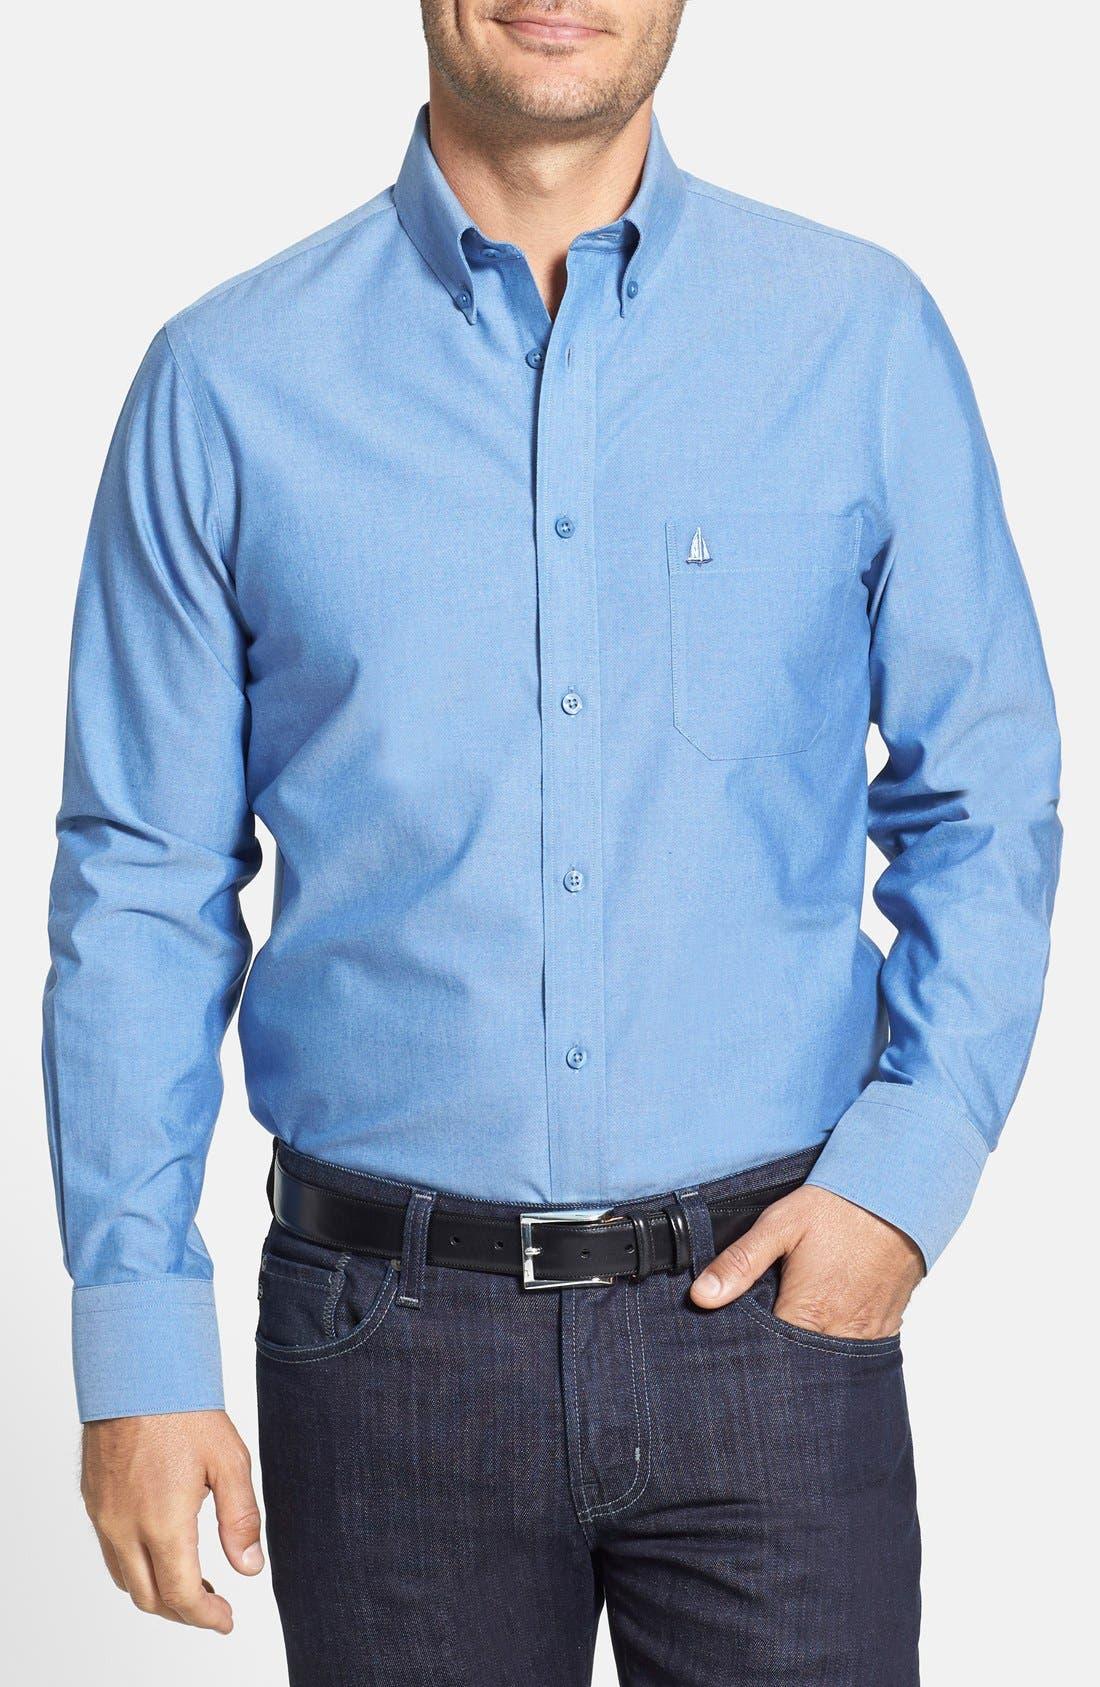 Alternate Image 1 Selected - Nordstrom Men's Shop Smartcare™ Regular Fit Oxford Sport Shirt